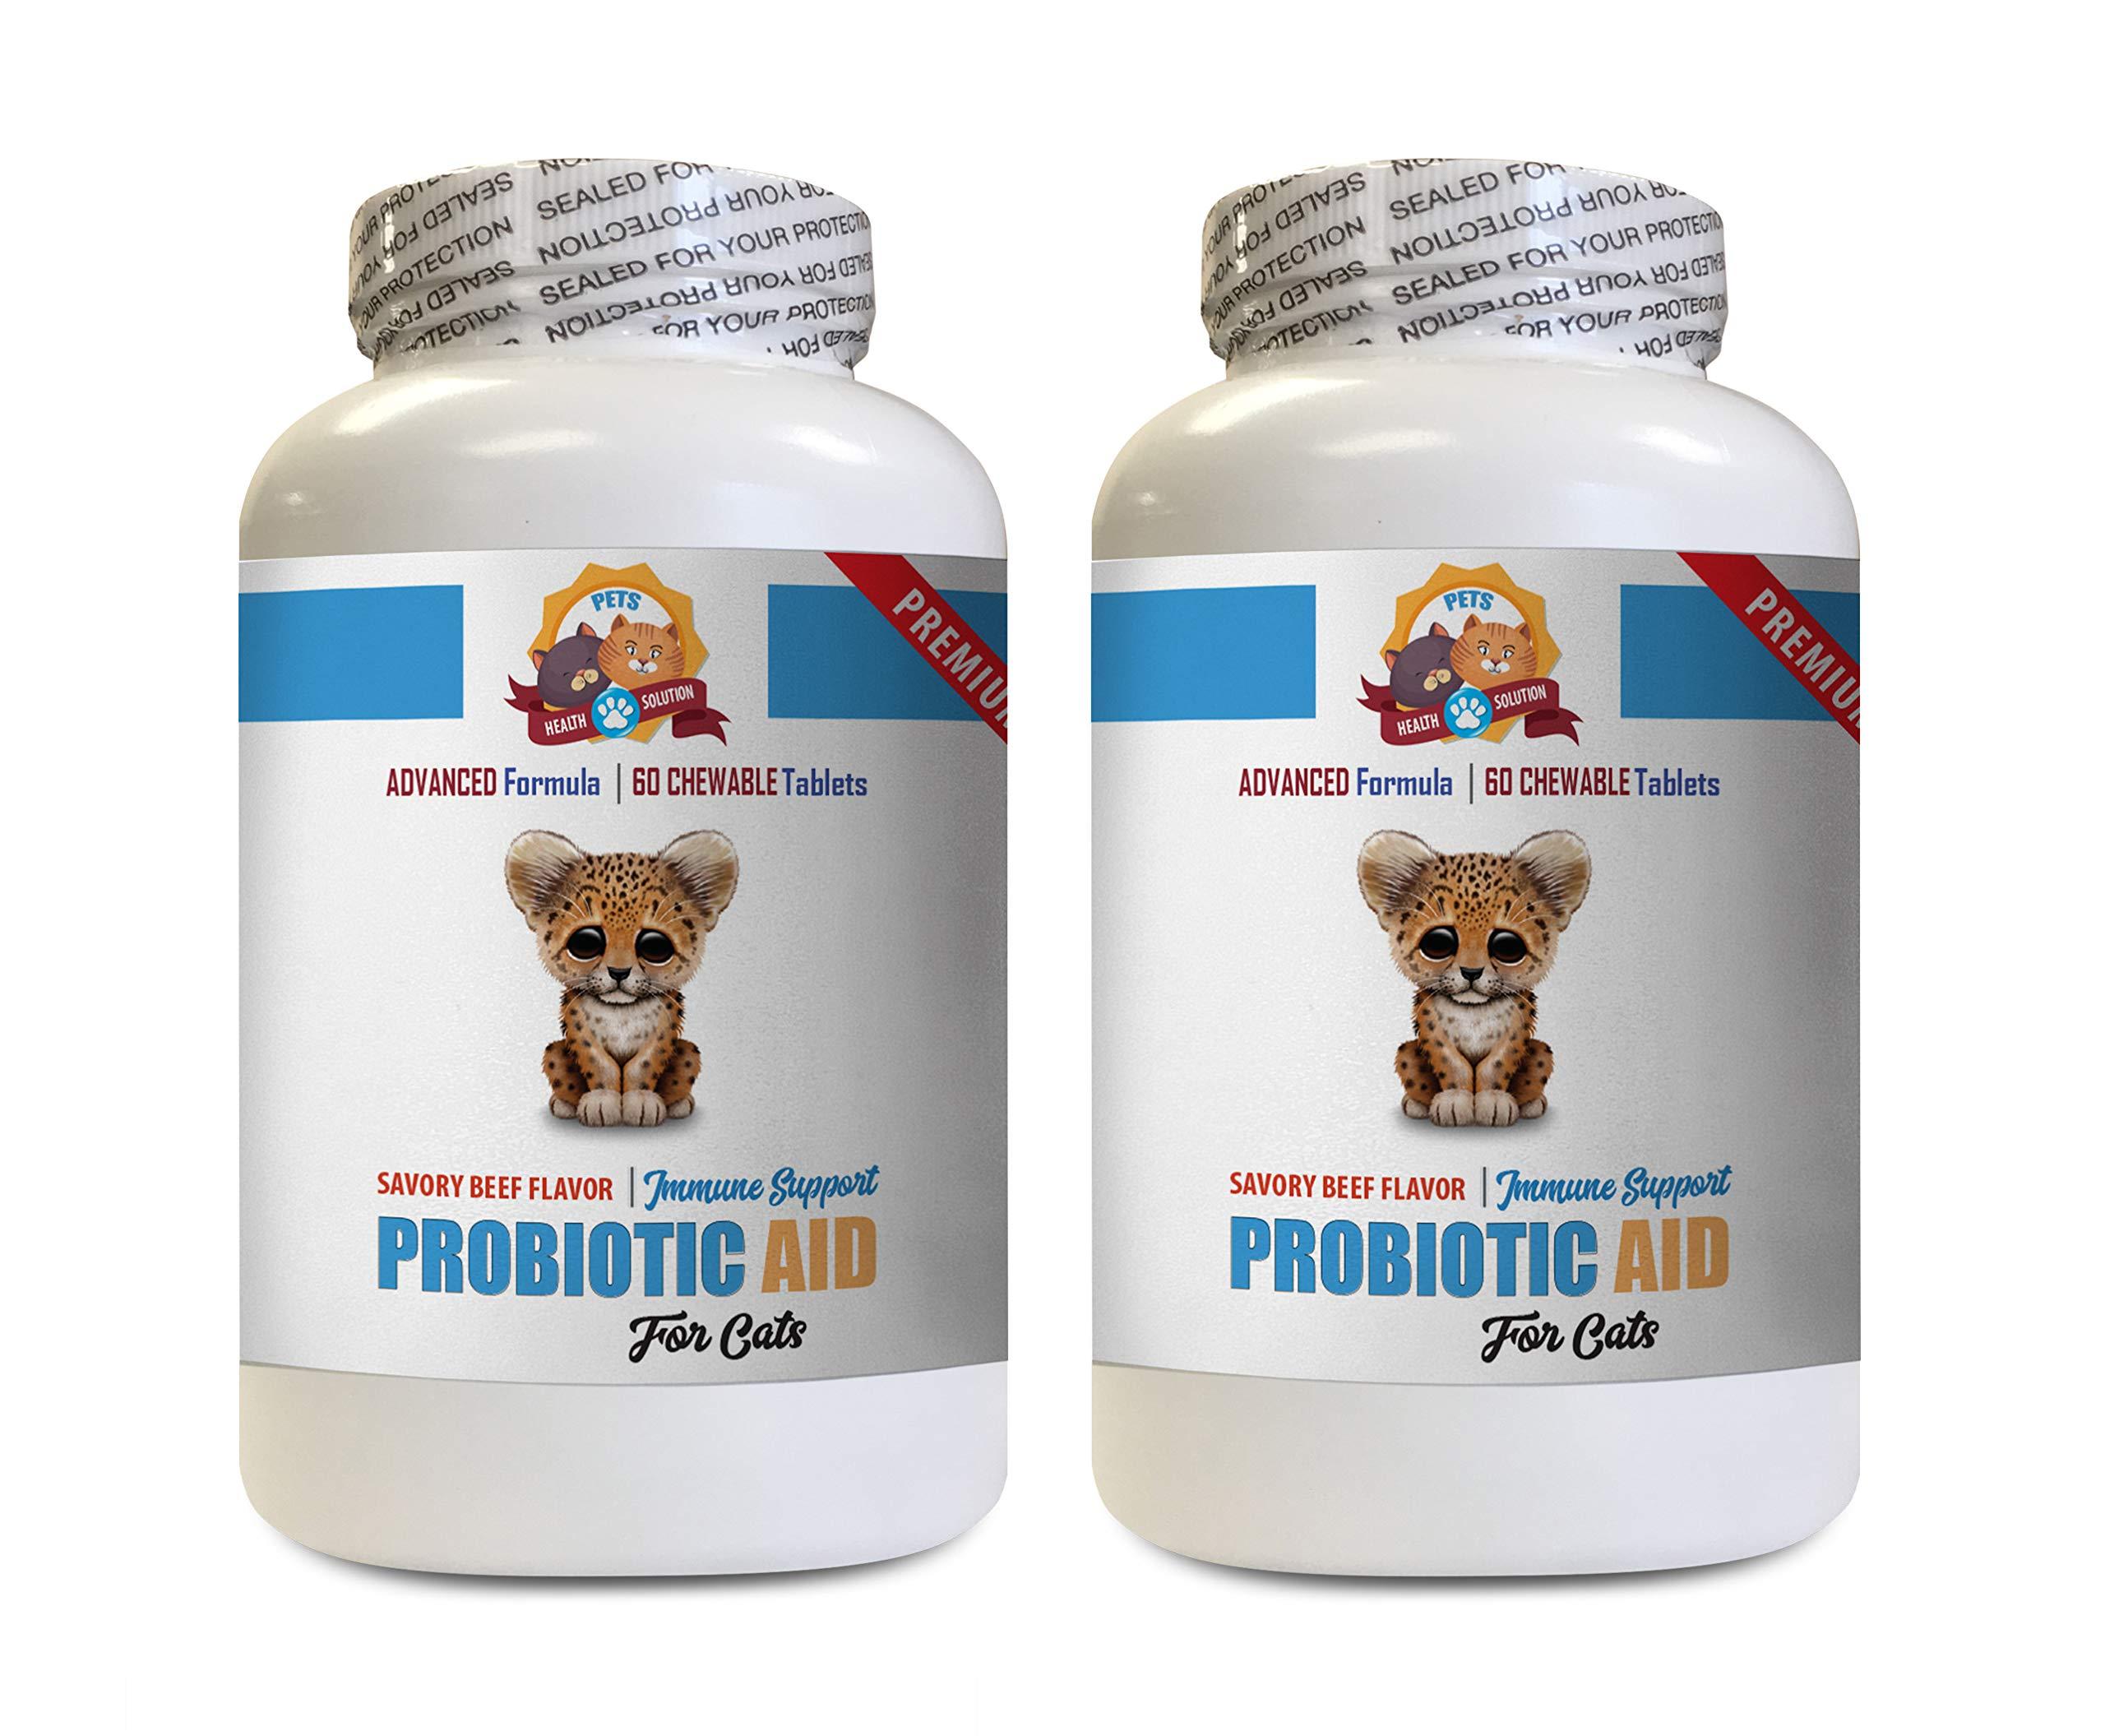 PETS HEALTH SOLUTION cat probiotics - CAT PROBIOTIC AID - Premium Formula - Natural Digestive Helper - bifidobacterium for Cats - 3 Bottles (180 Treats) by PETS HEALTH SOLUTION